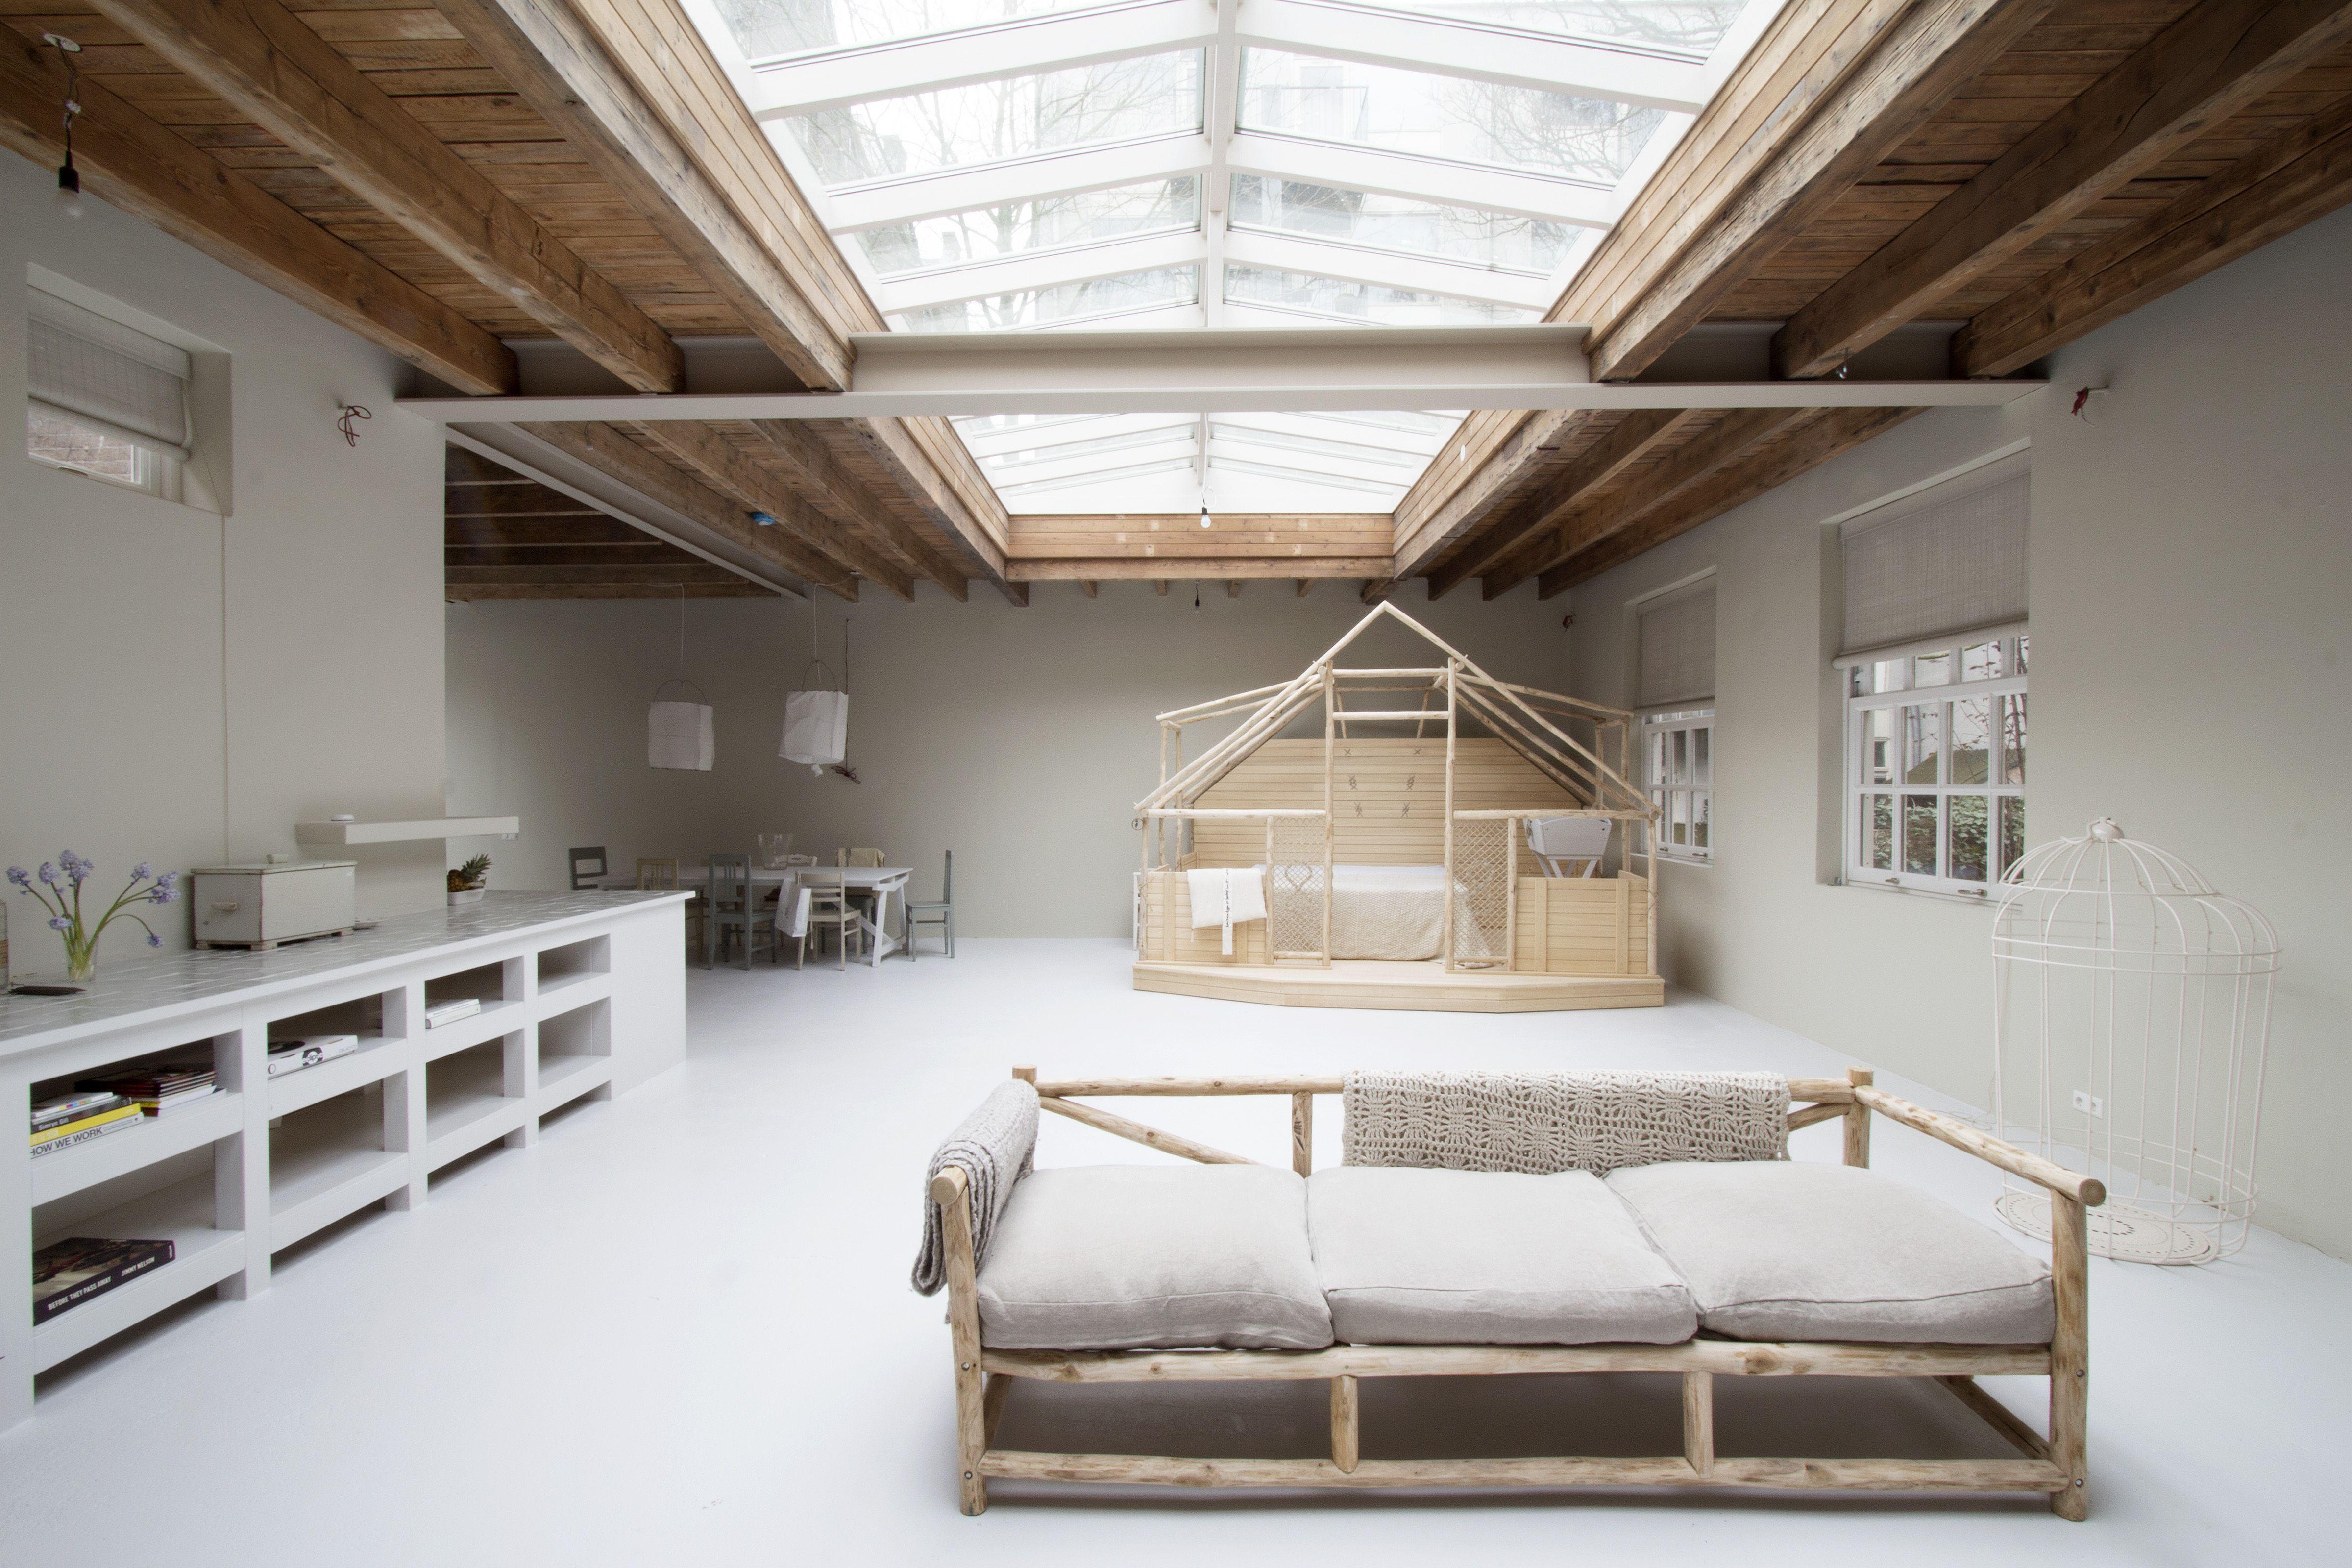 Woonkamer Met Beton : Bijzonder appartement sfeerbeton the art of living nl